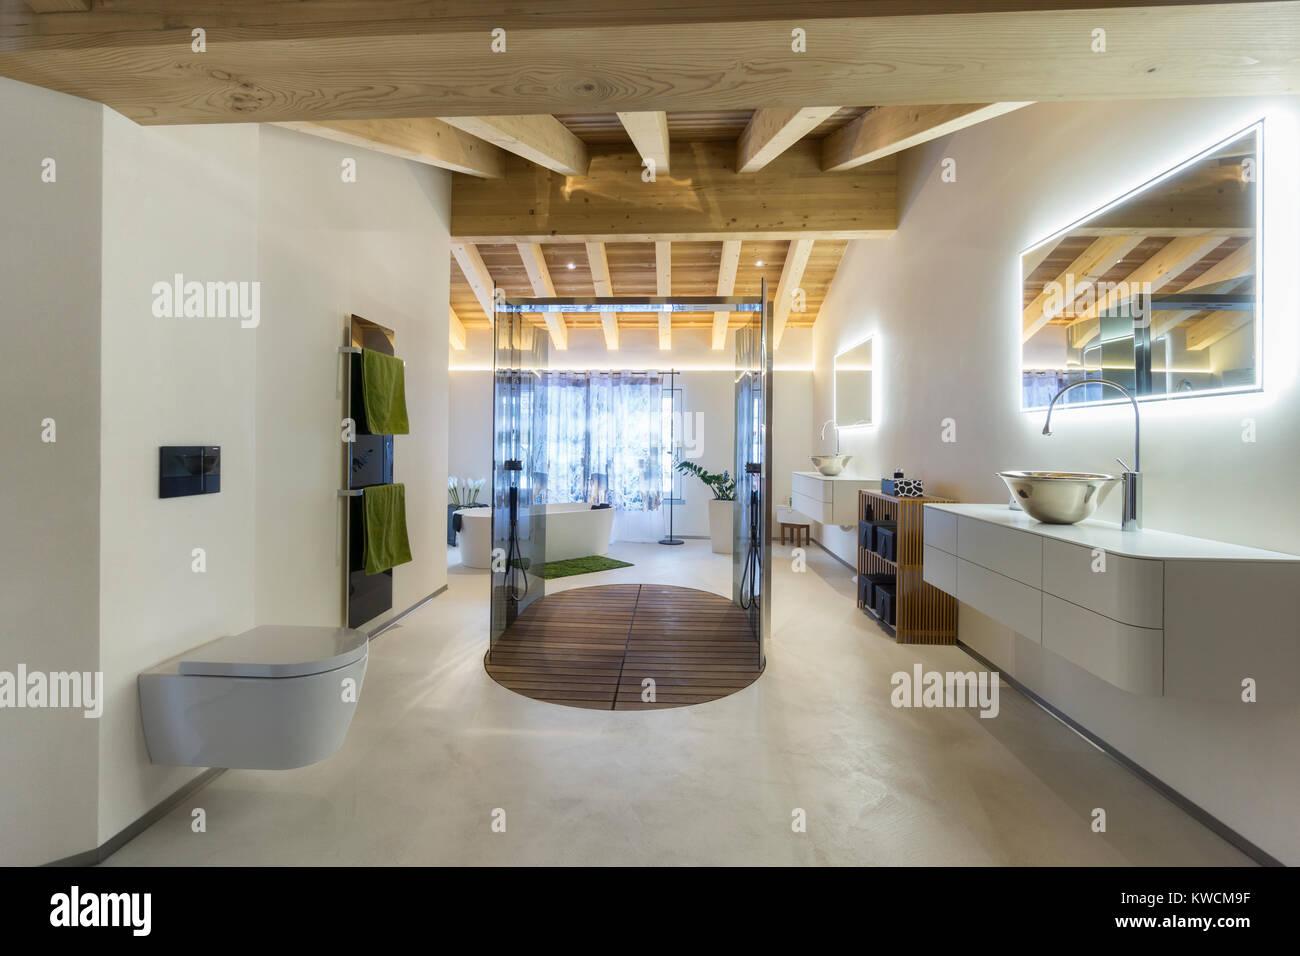 Bagno di lusso con doccia e tetto in legno foto immagine stock